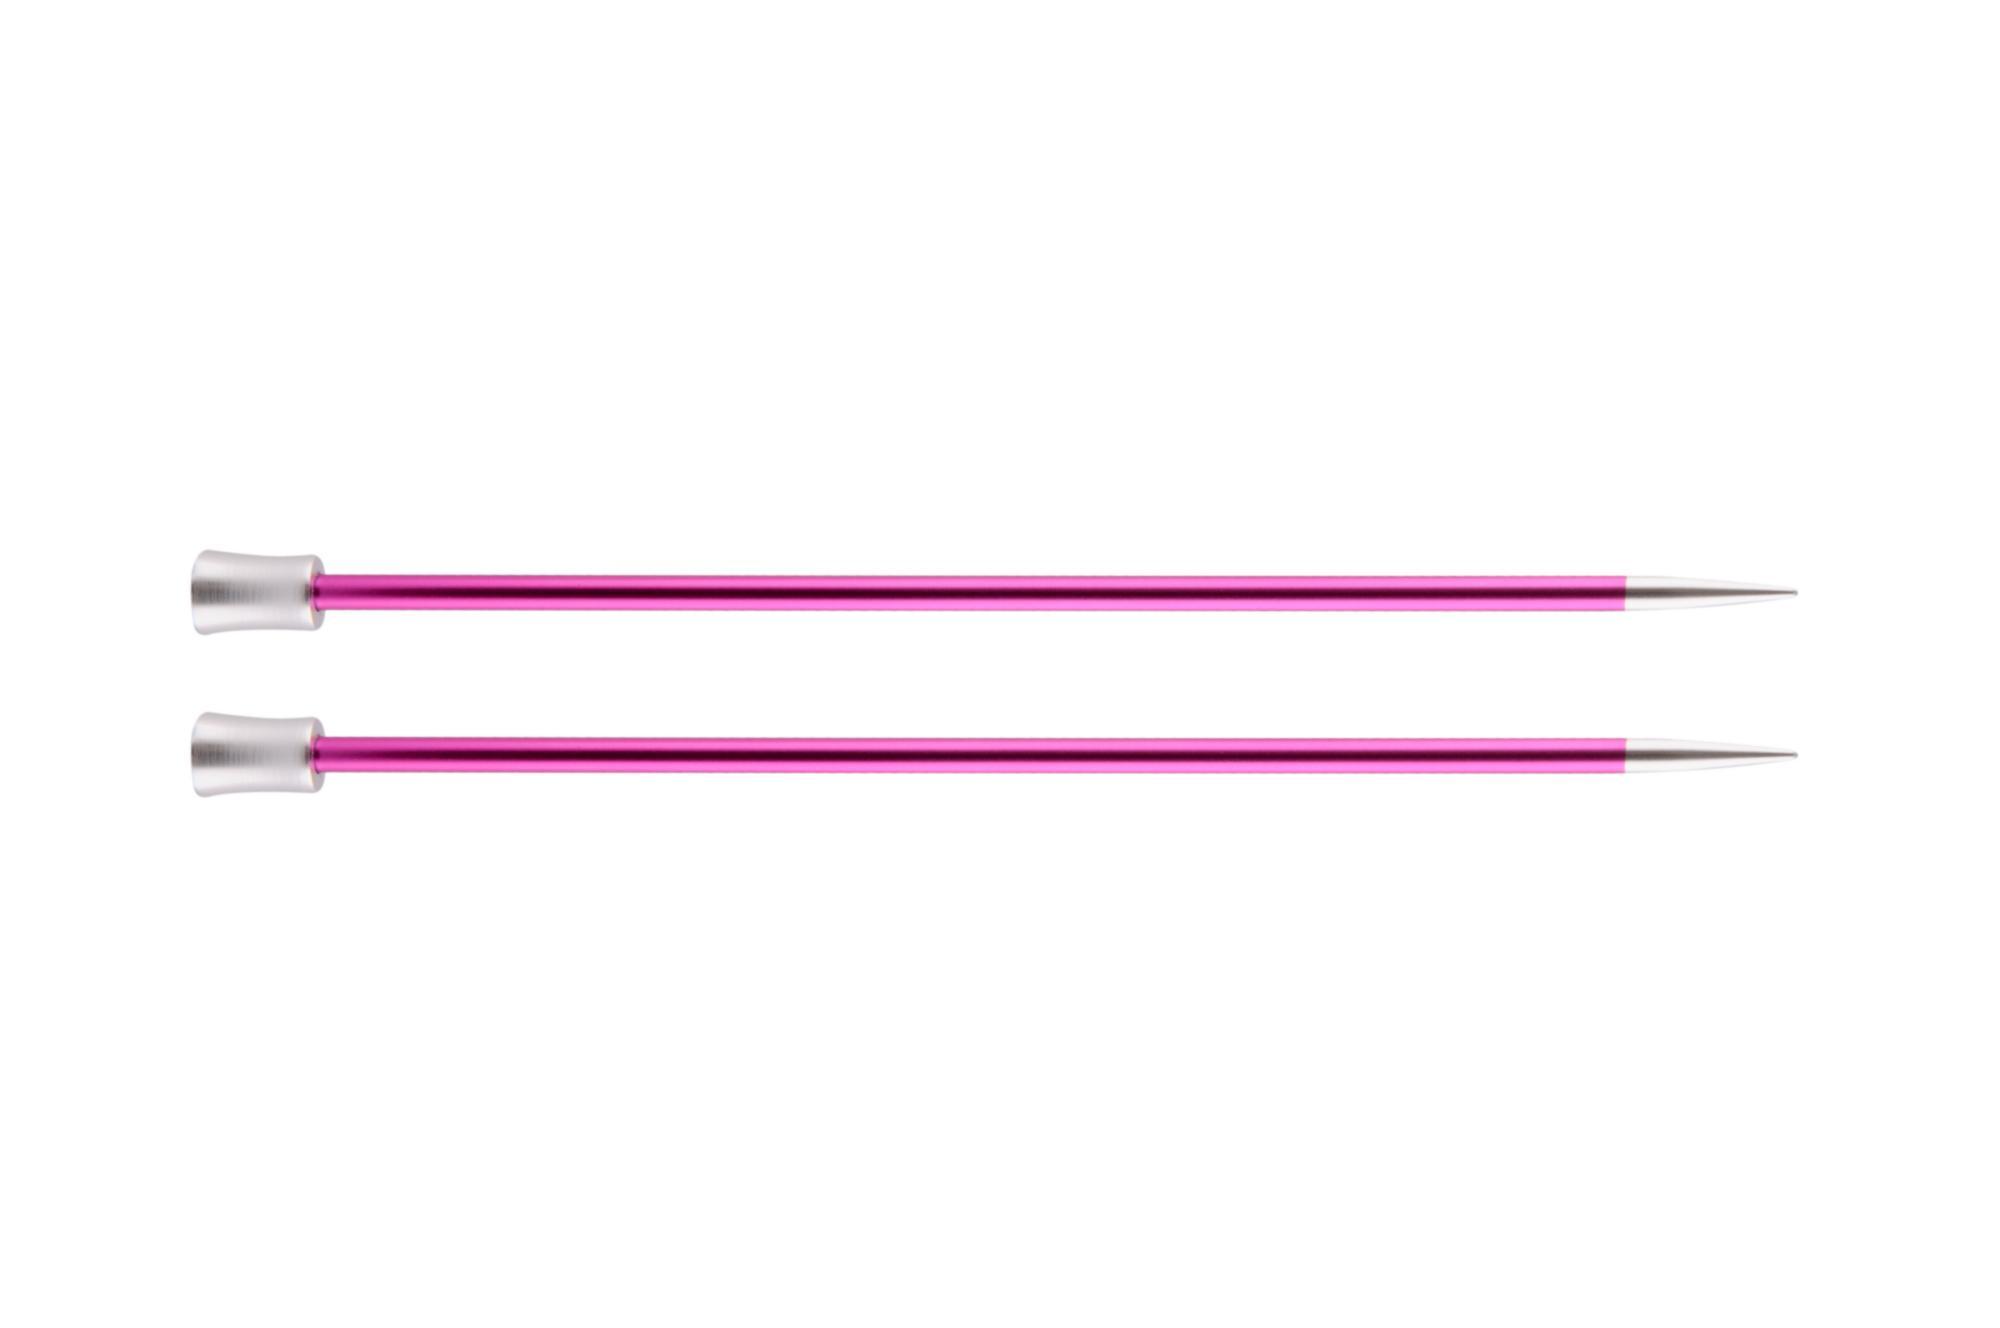 Спицы прямые 40 см Zing KnitPro, 47331, 5.00 мм